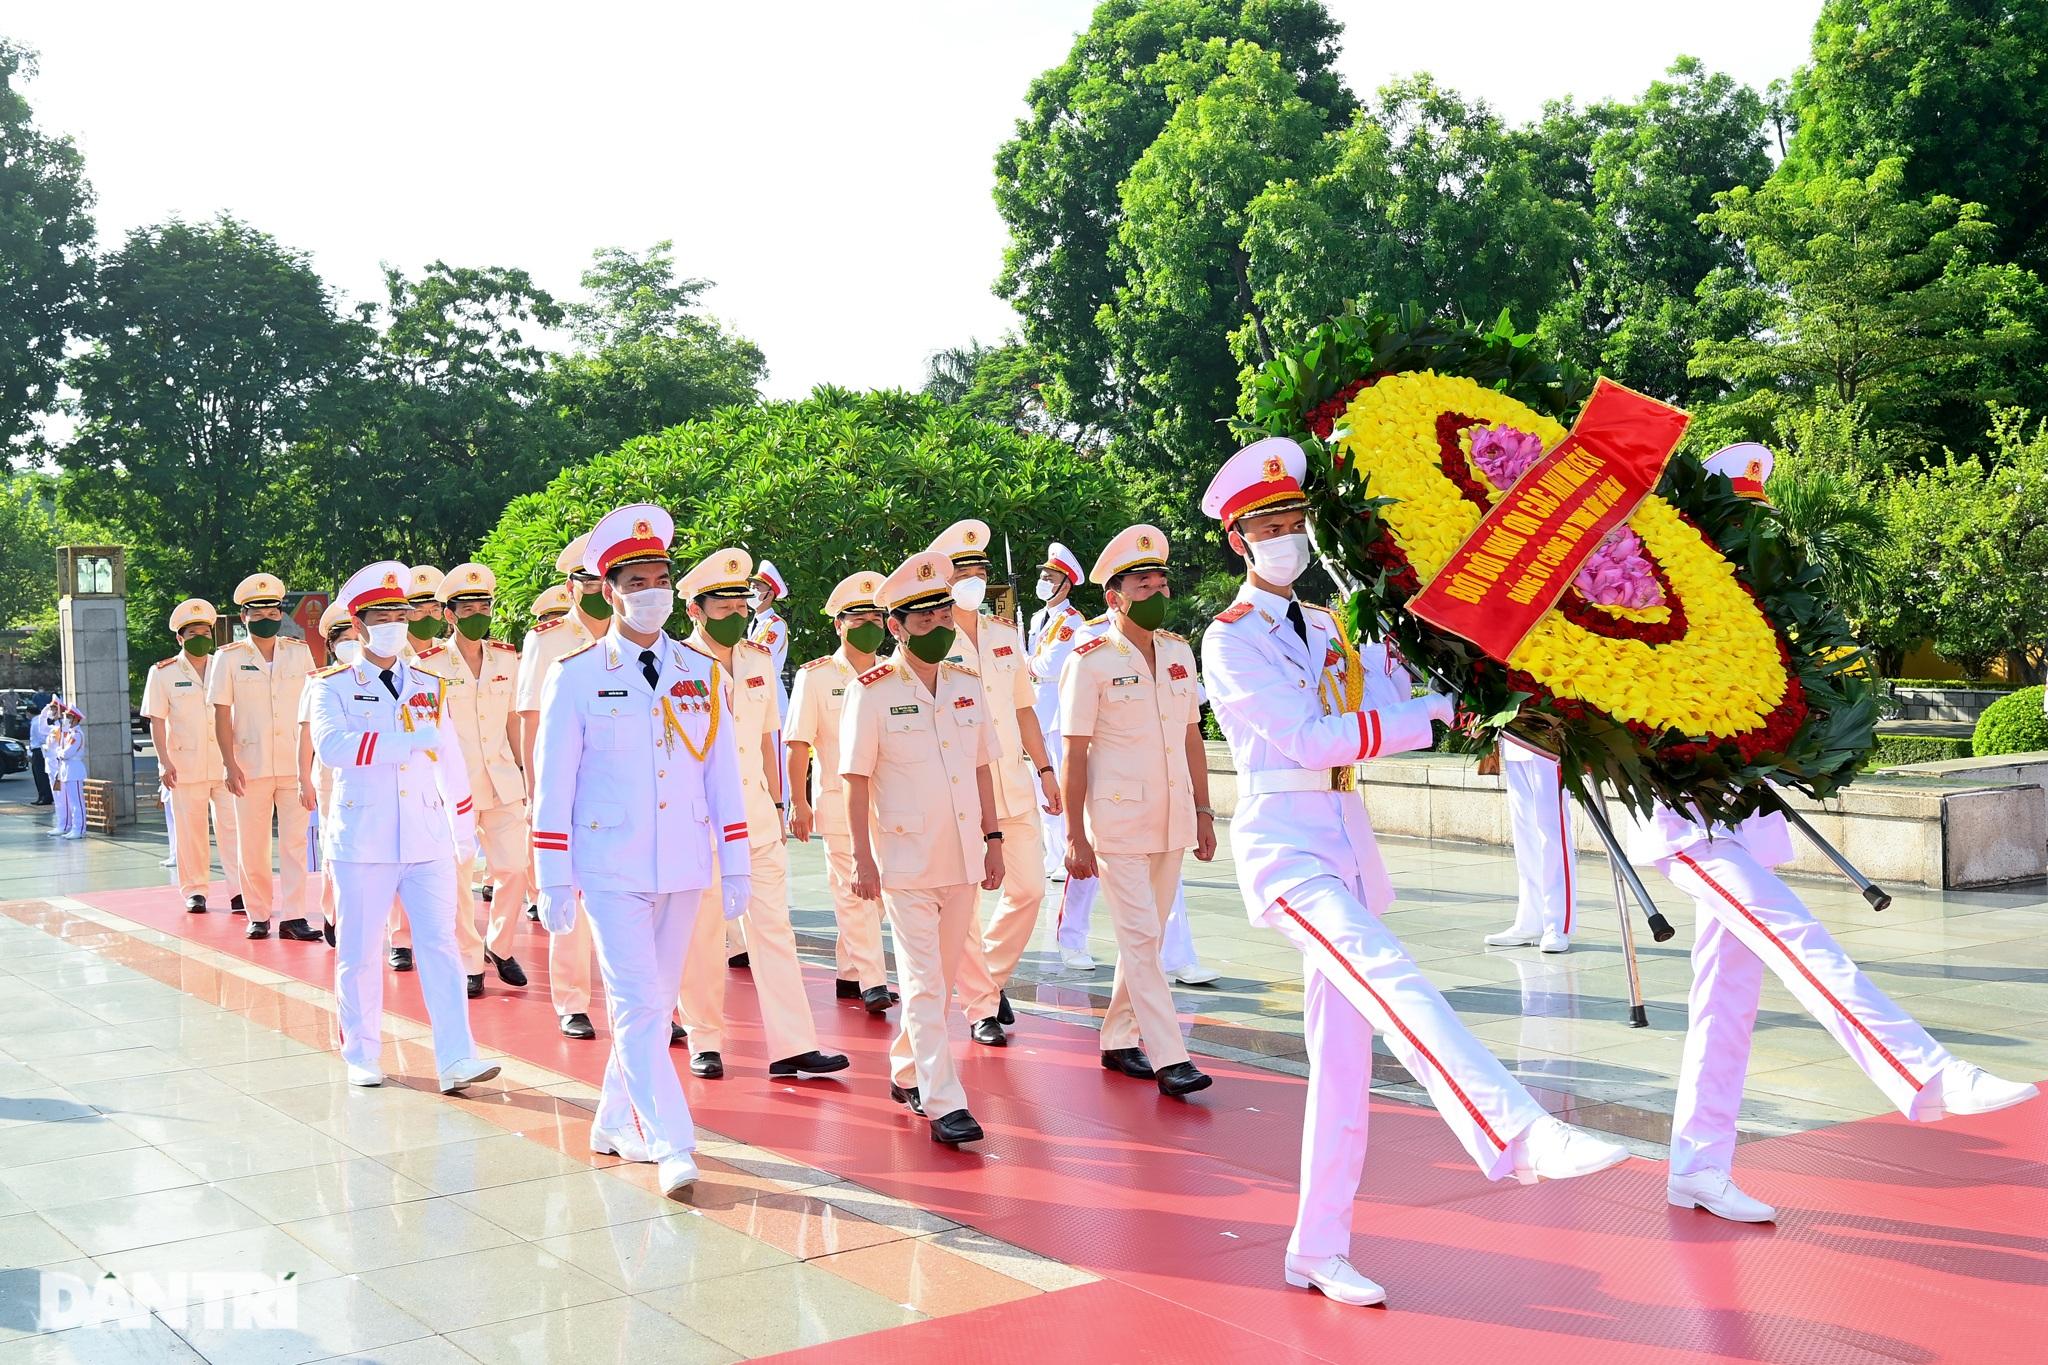 Lãnh đạo Đảng, Nhà nước đặt vòng hoa, tưởng niệm các Anh hùng liệt sĩ - 5